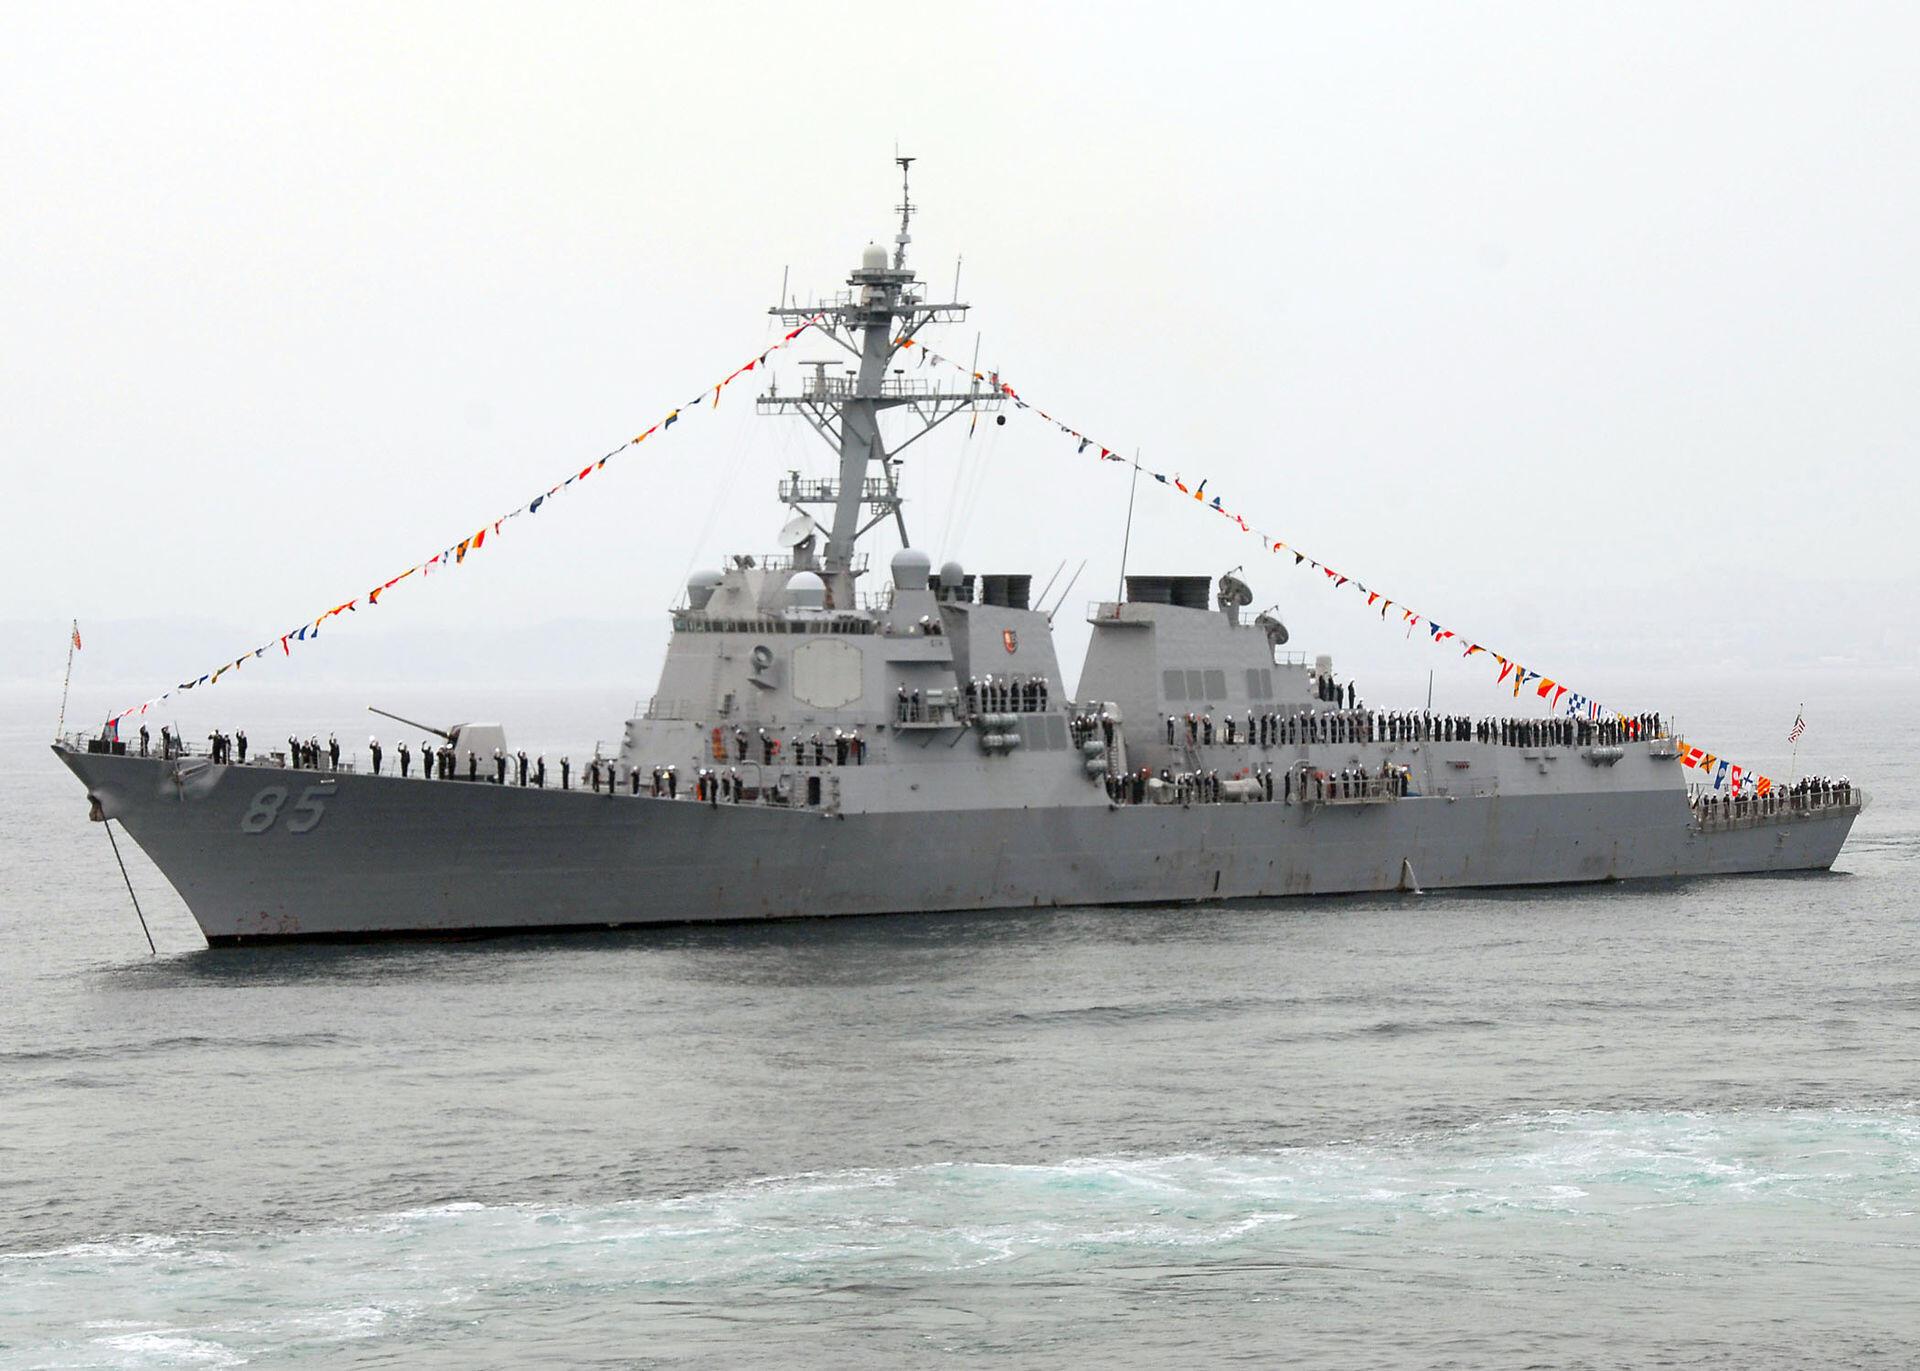 Khu trục hạm tên lửa dẫn đường USS McCampbell của Mỹ